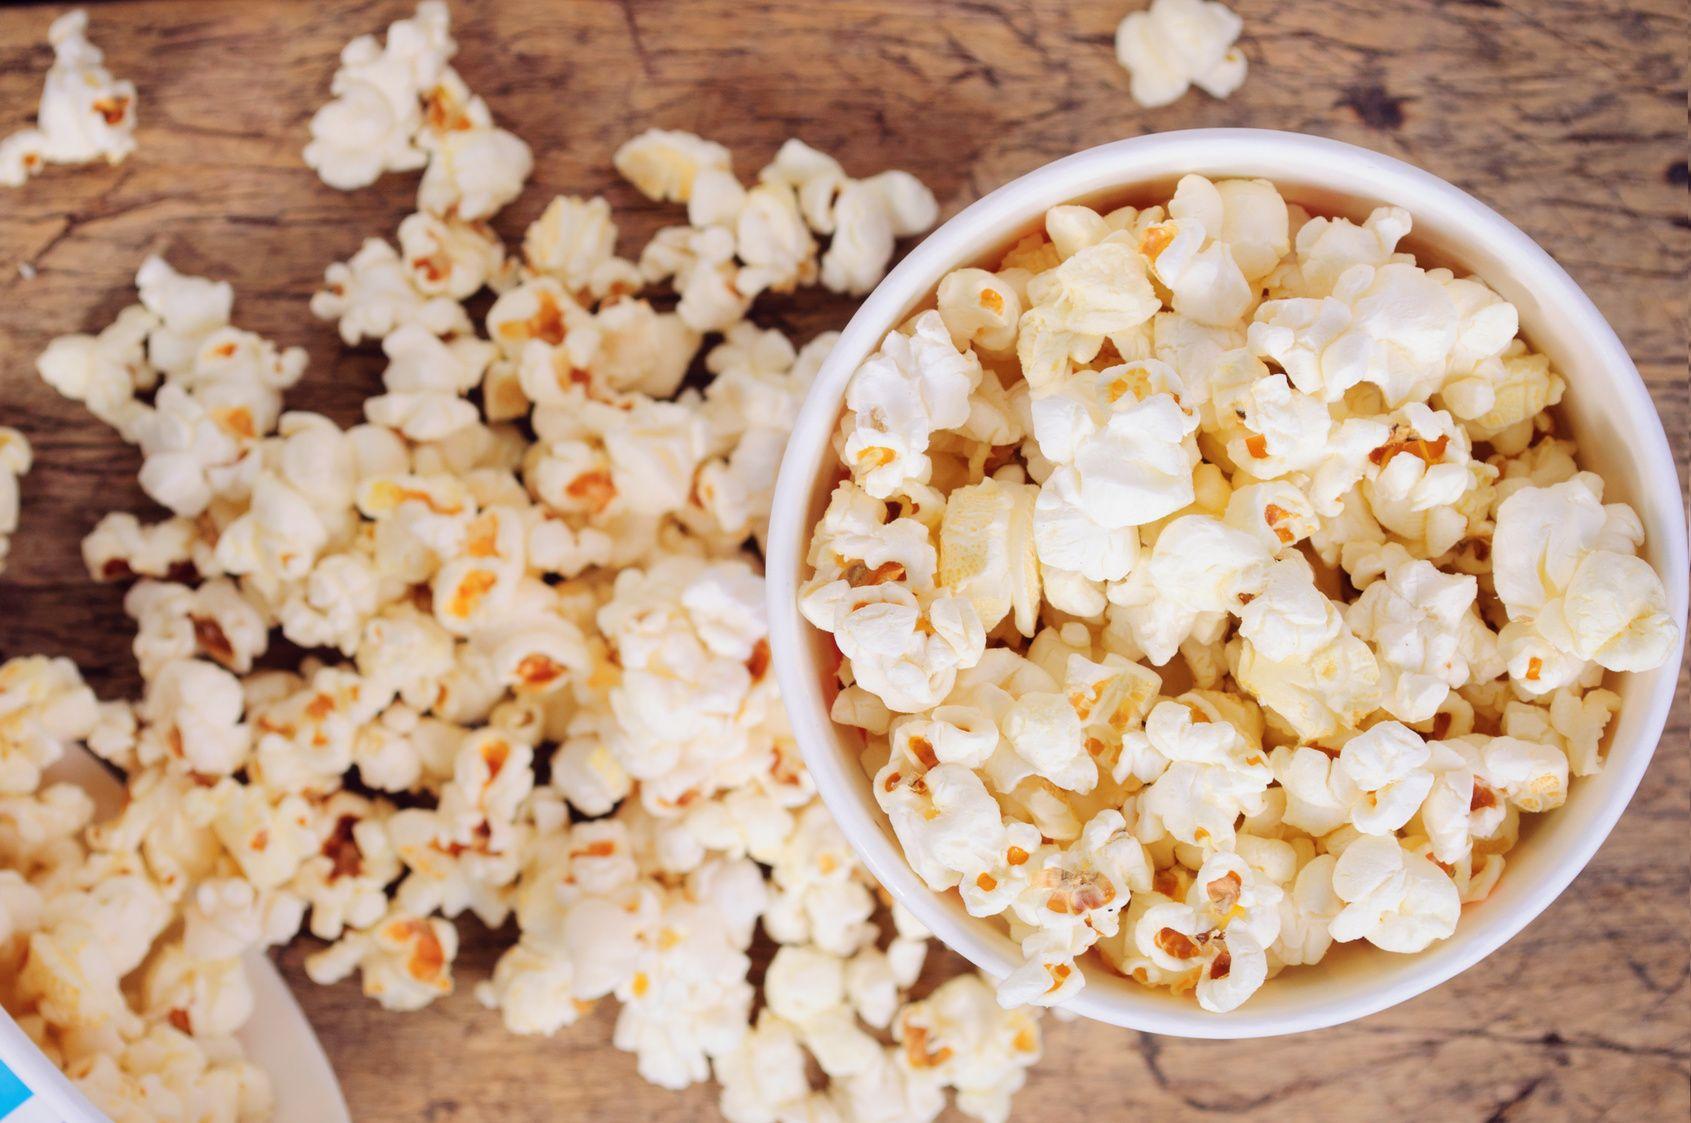 Popcornia+illalliseksi?+Kulhollinen+poppareita+terveellisempää+kuin+pasta